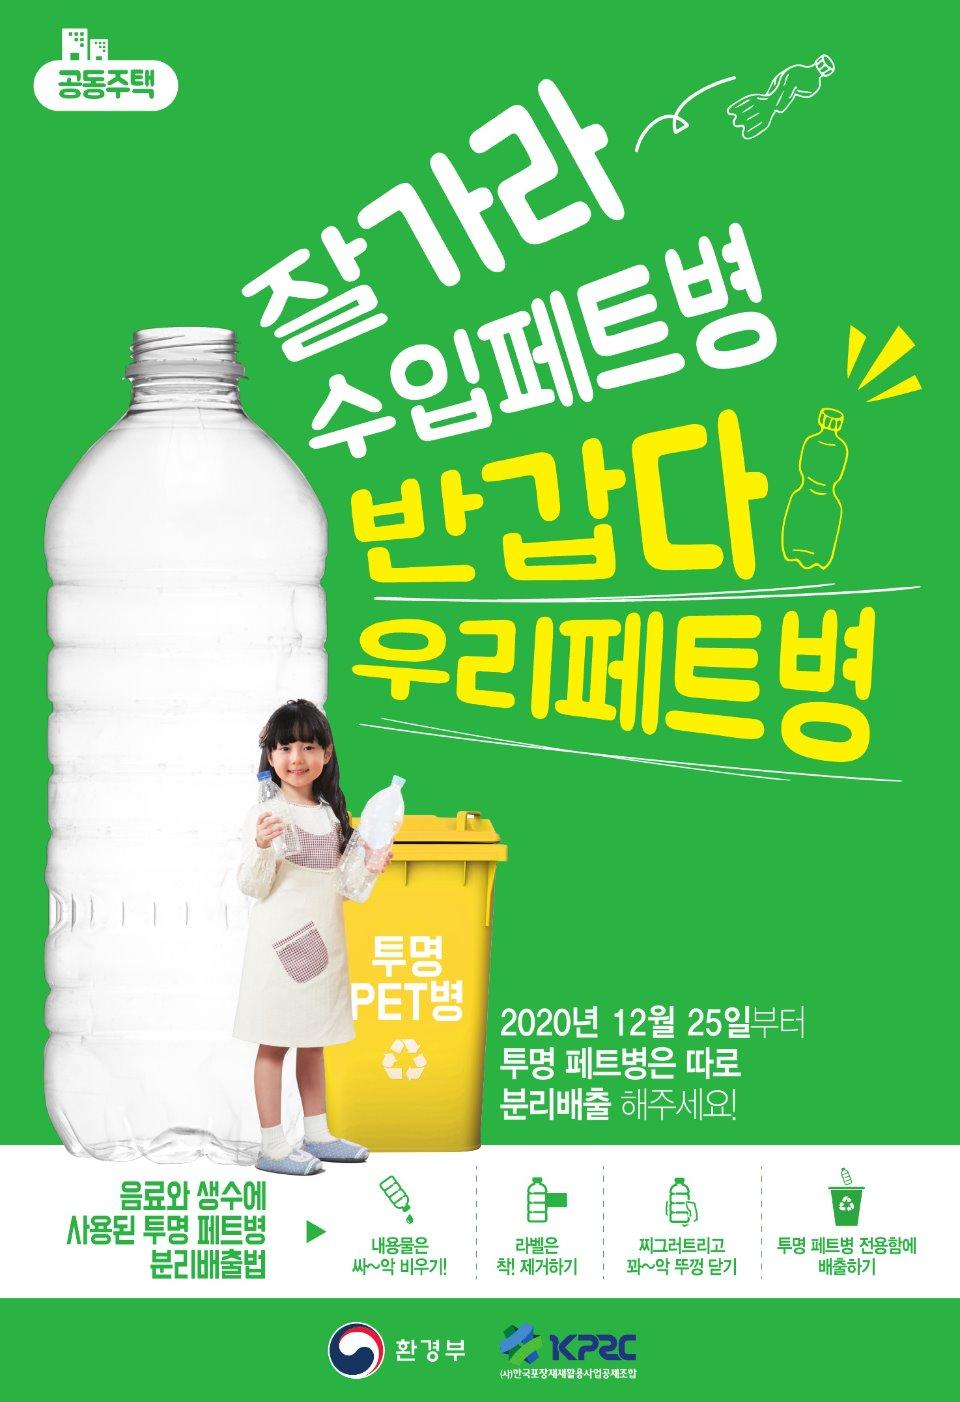 페트별도배출 홍보키트_포스터_사업시행_합본1_2.jpg